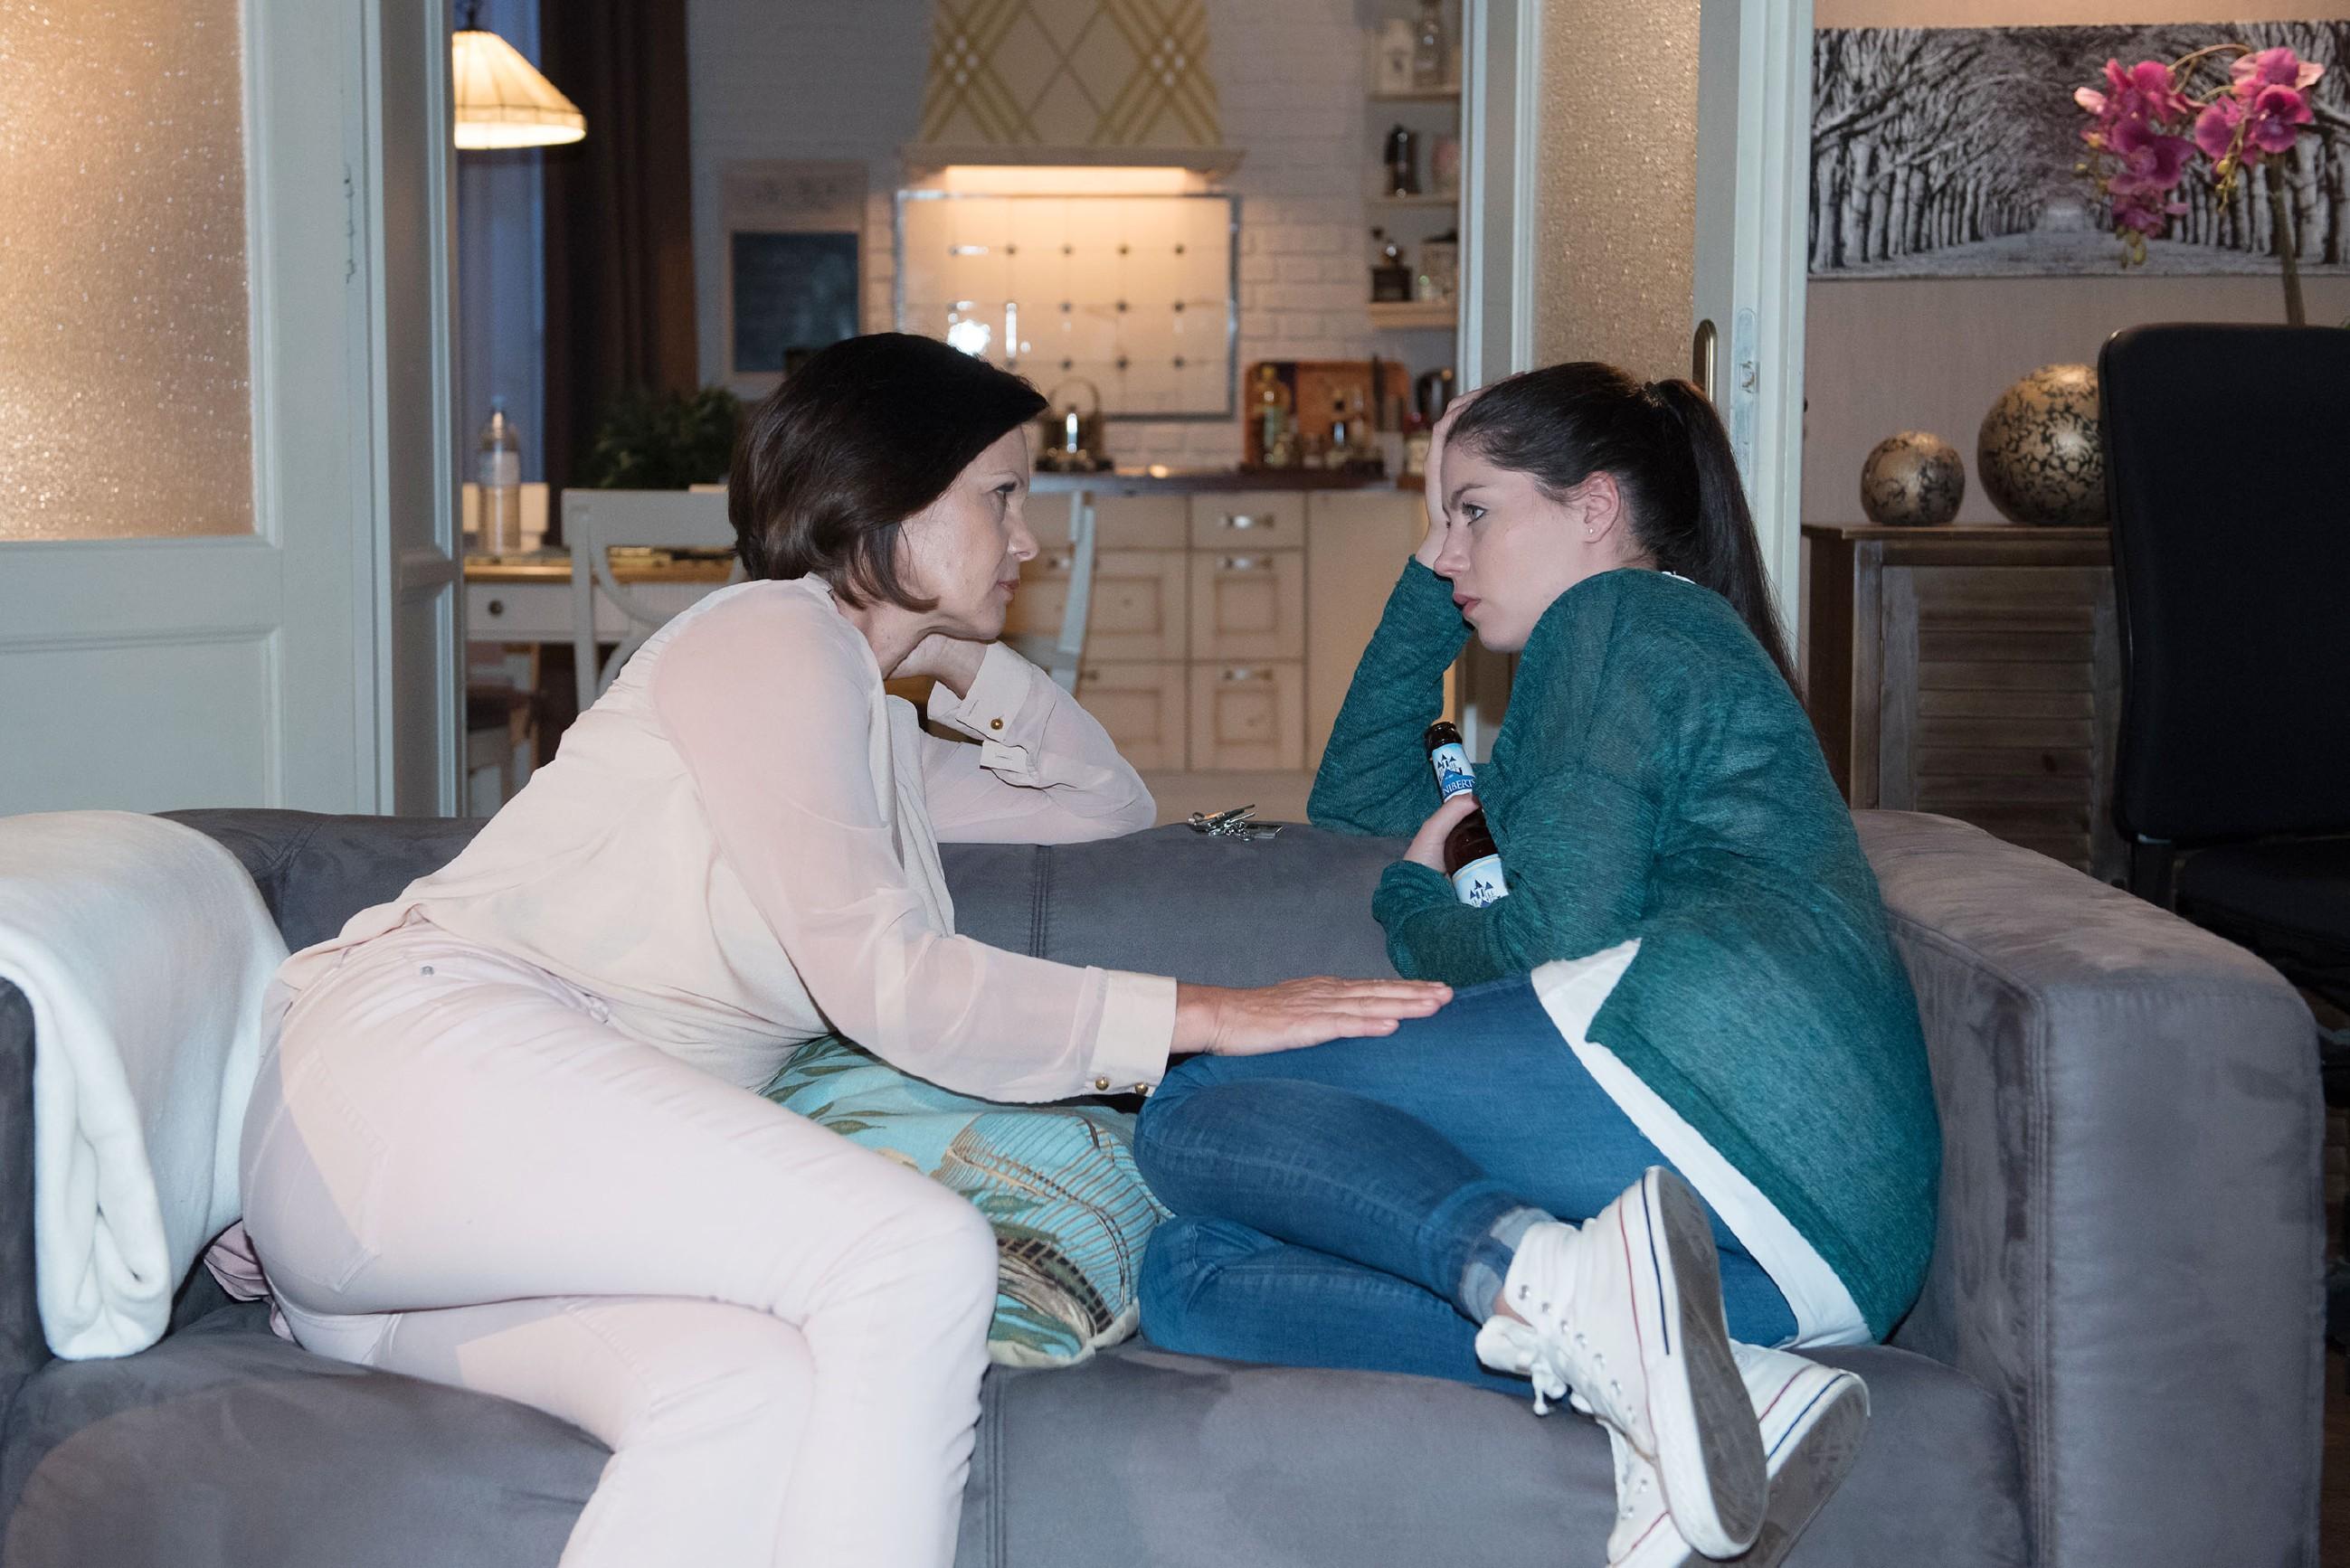 Sina (Valea Katharina Scalabrino, r.) wird von Irene (Petra Blossey) ermutigt, um ihre Beziehung zu kämpfen. (Quelle: RTL / Stefan Behrens)